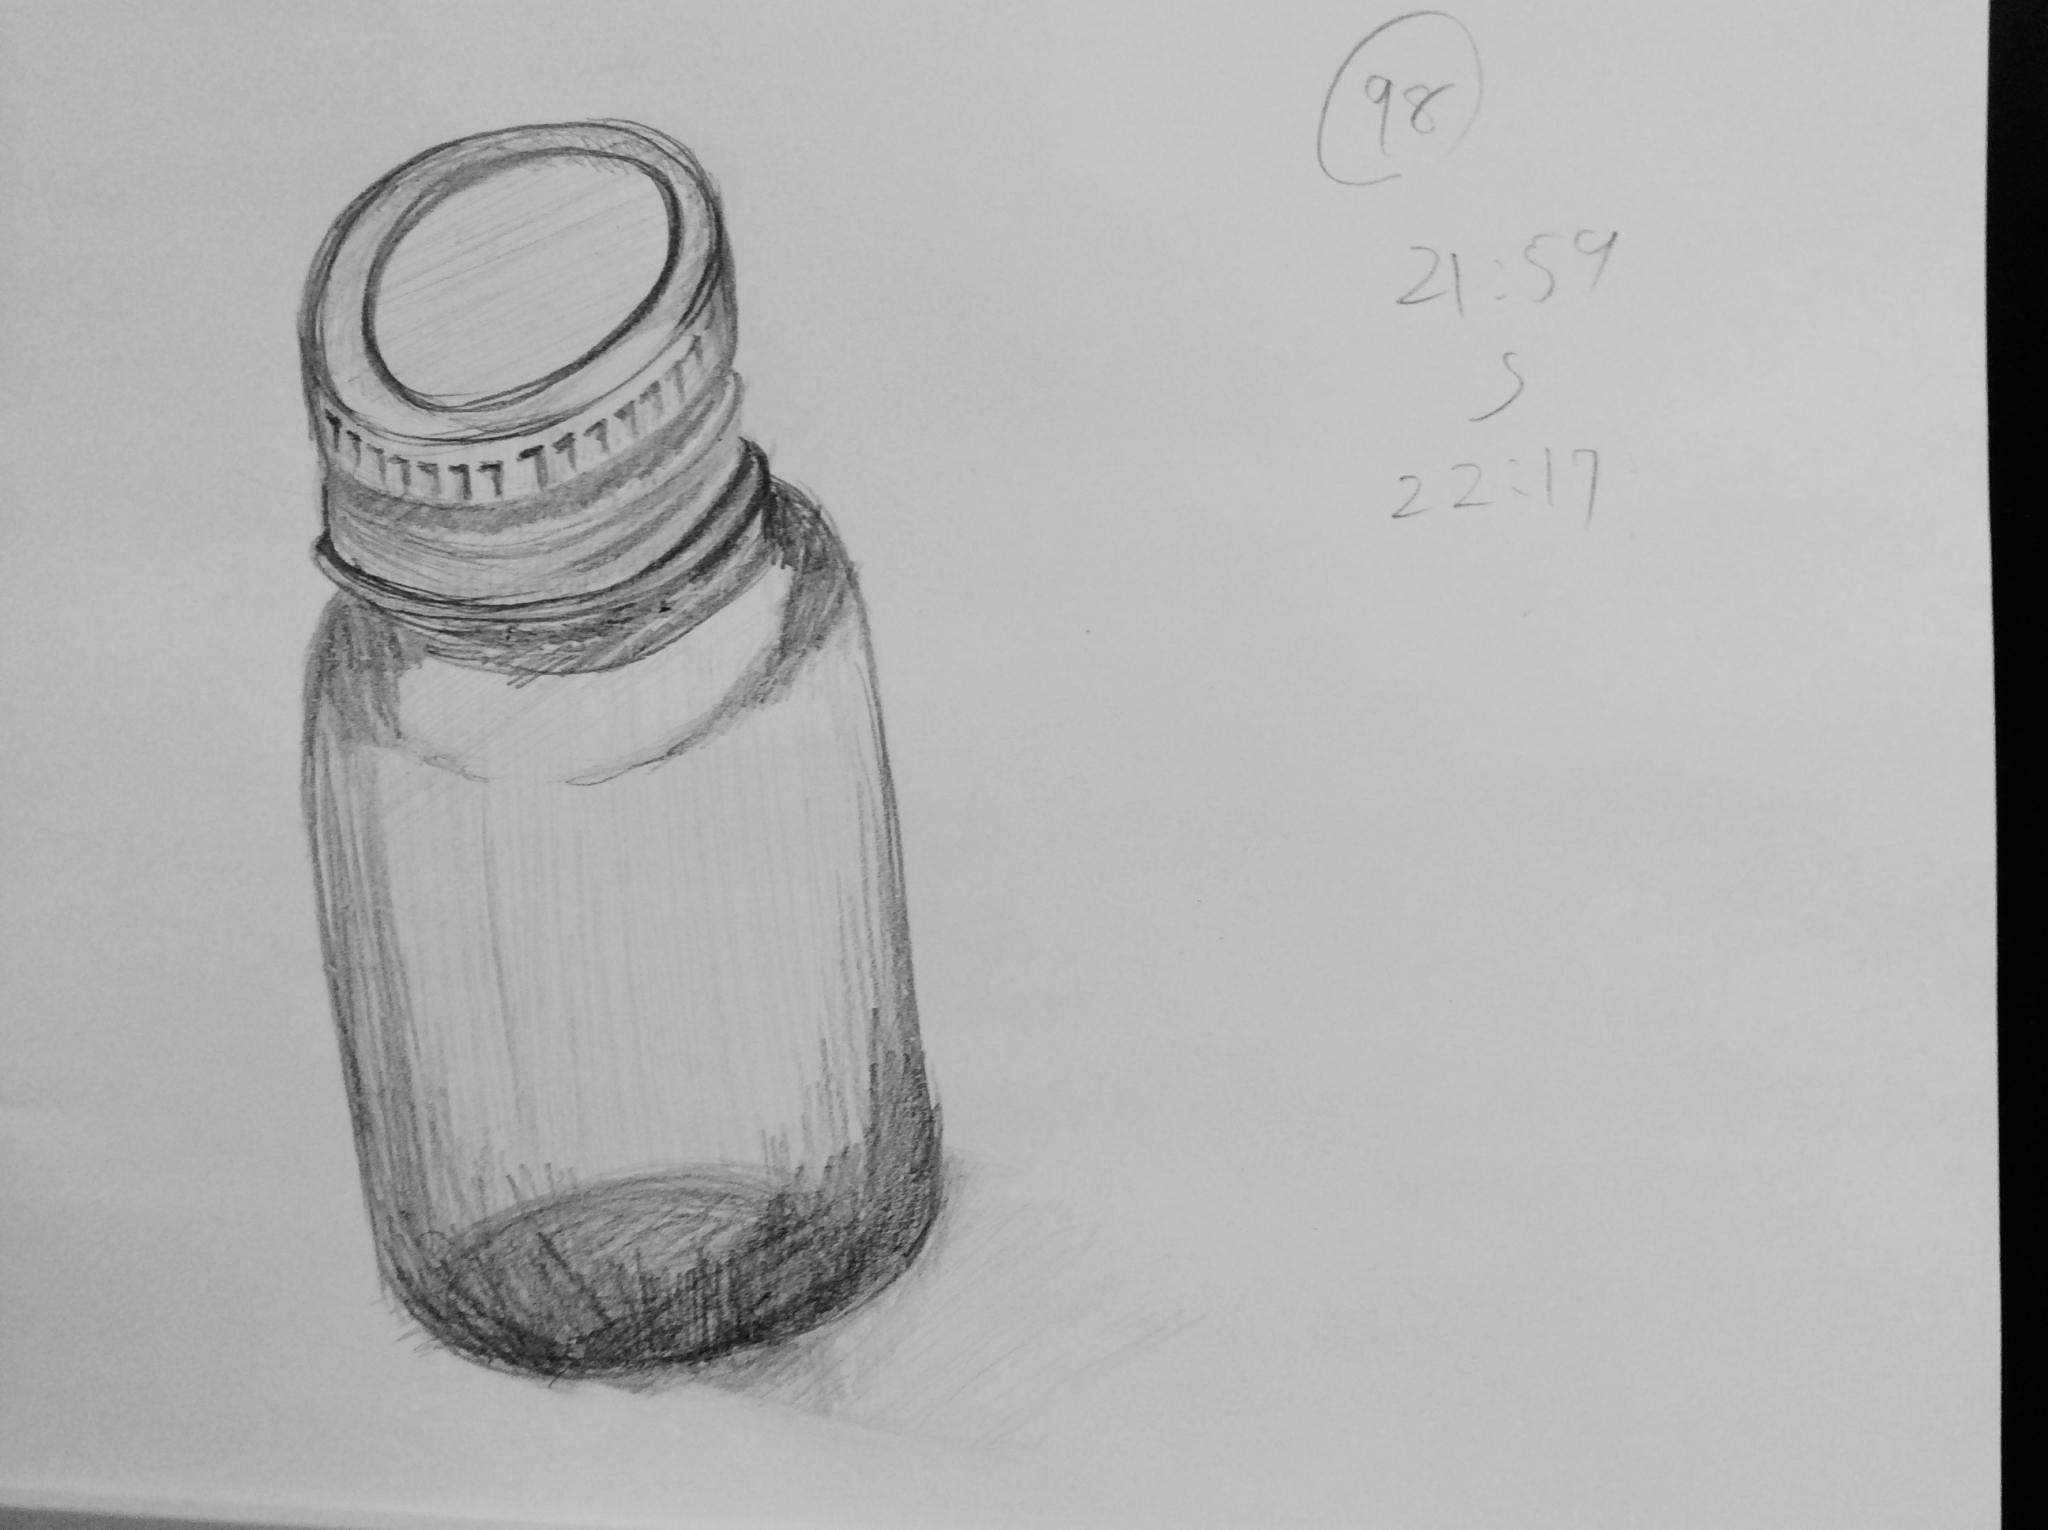 【1日1スケ】瓶